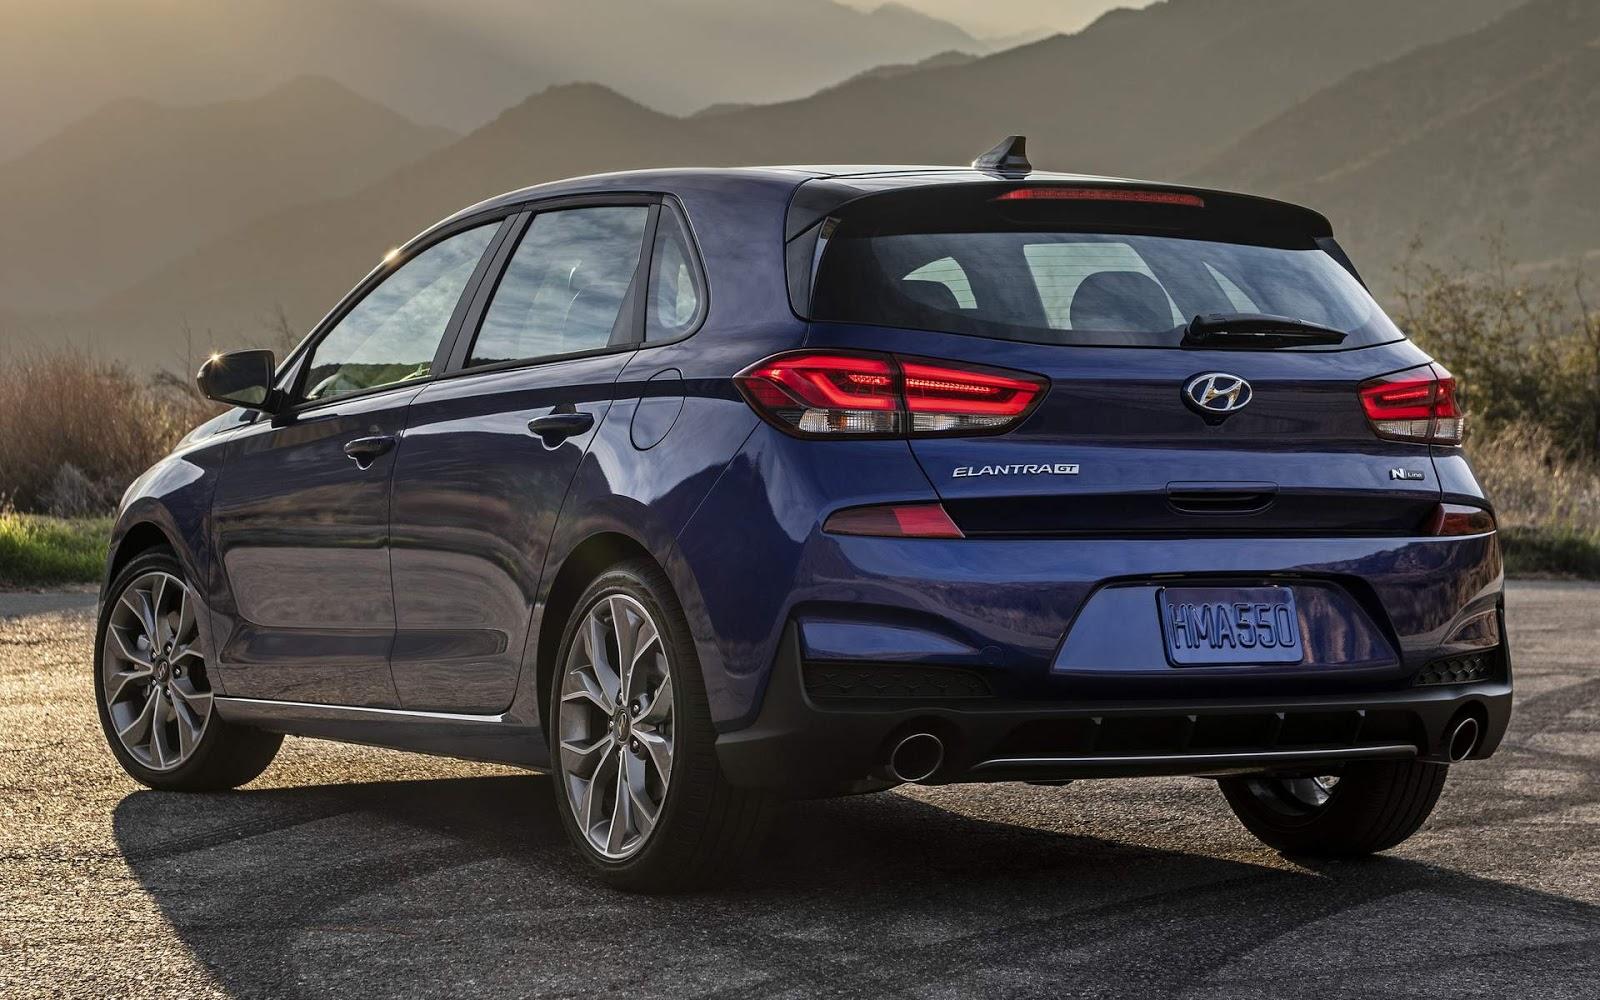 Novo Hyundai Elantra GT (i30) 2020 N Line: detalhes - EUA